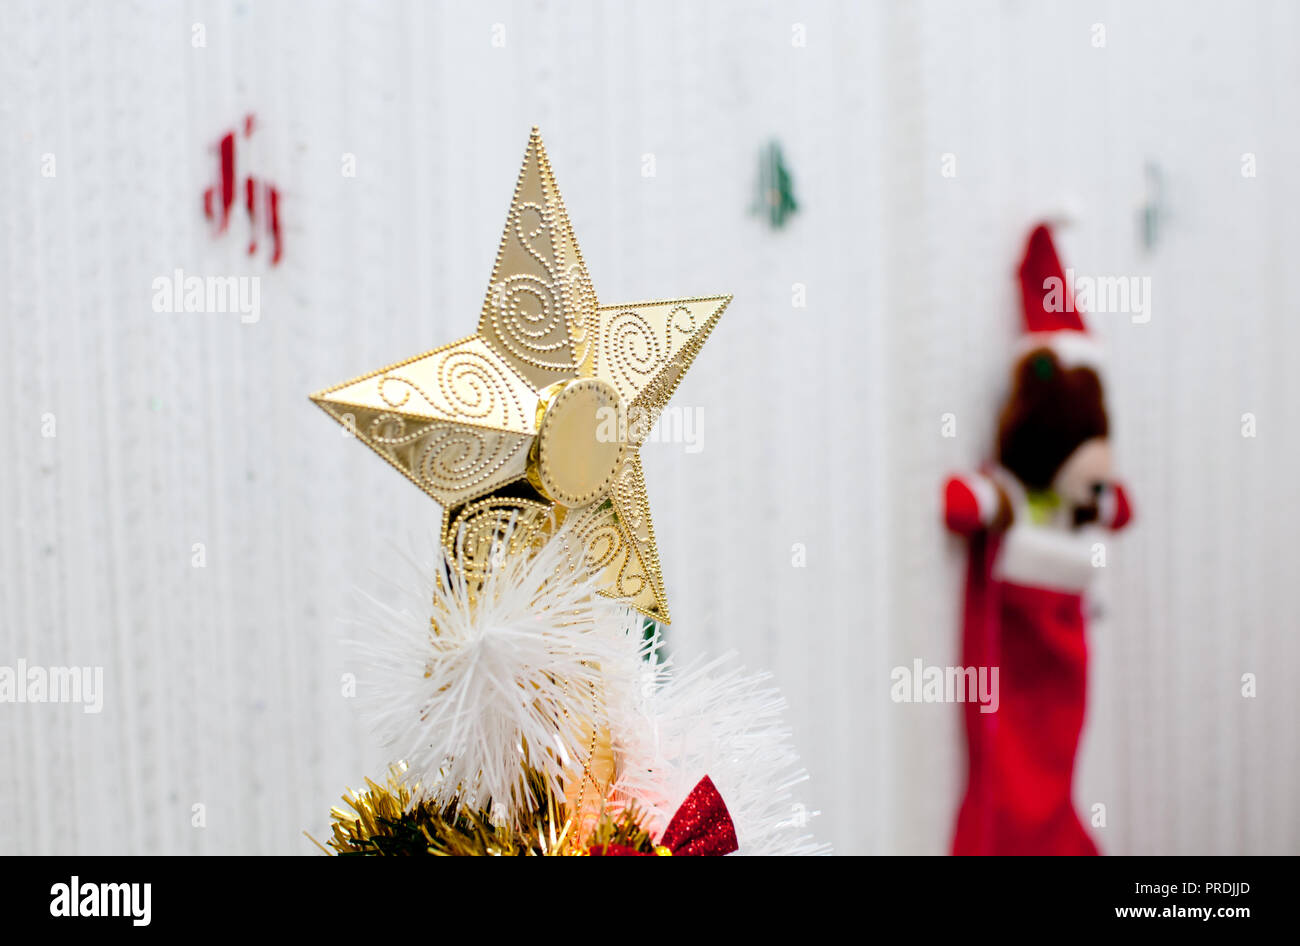 Como Decorar Calcetines Para Navidad.Golden Star Para Decorar El Arbol De Navidad De Cerca Y